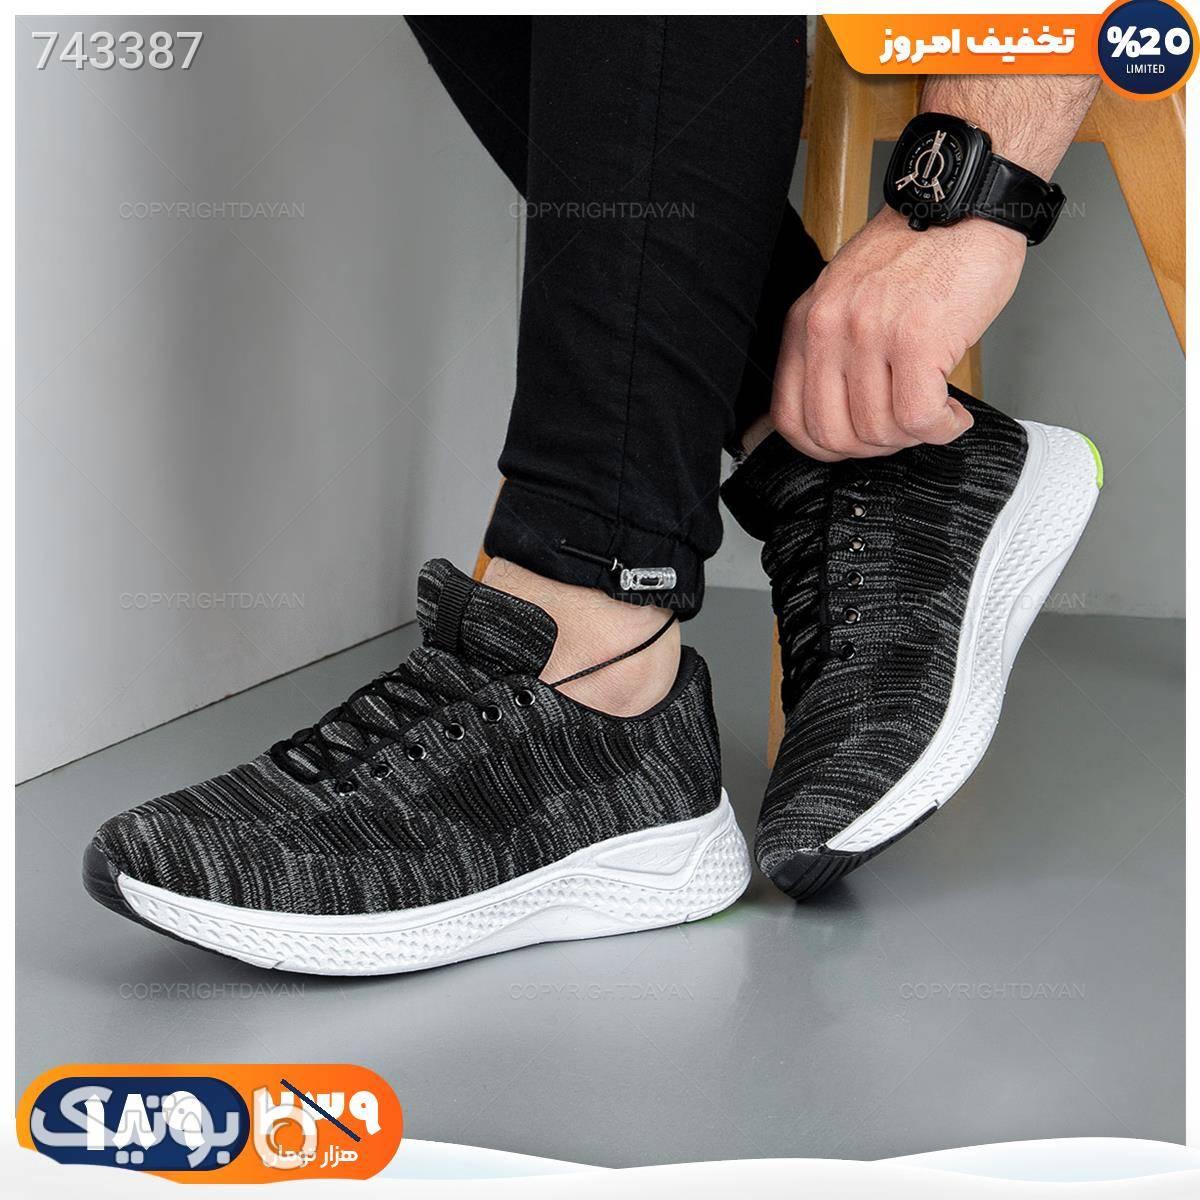 کفش مردانه Imaz مدل 18953 مشکی كفش مردانه